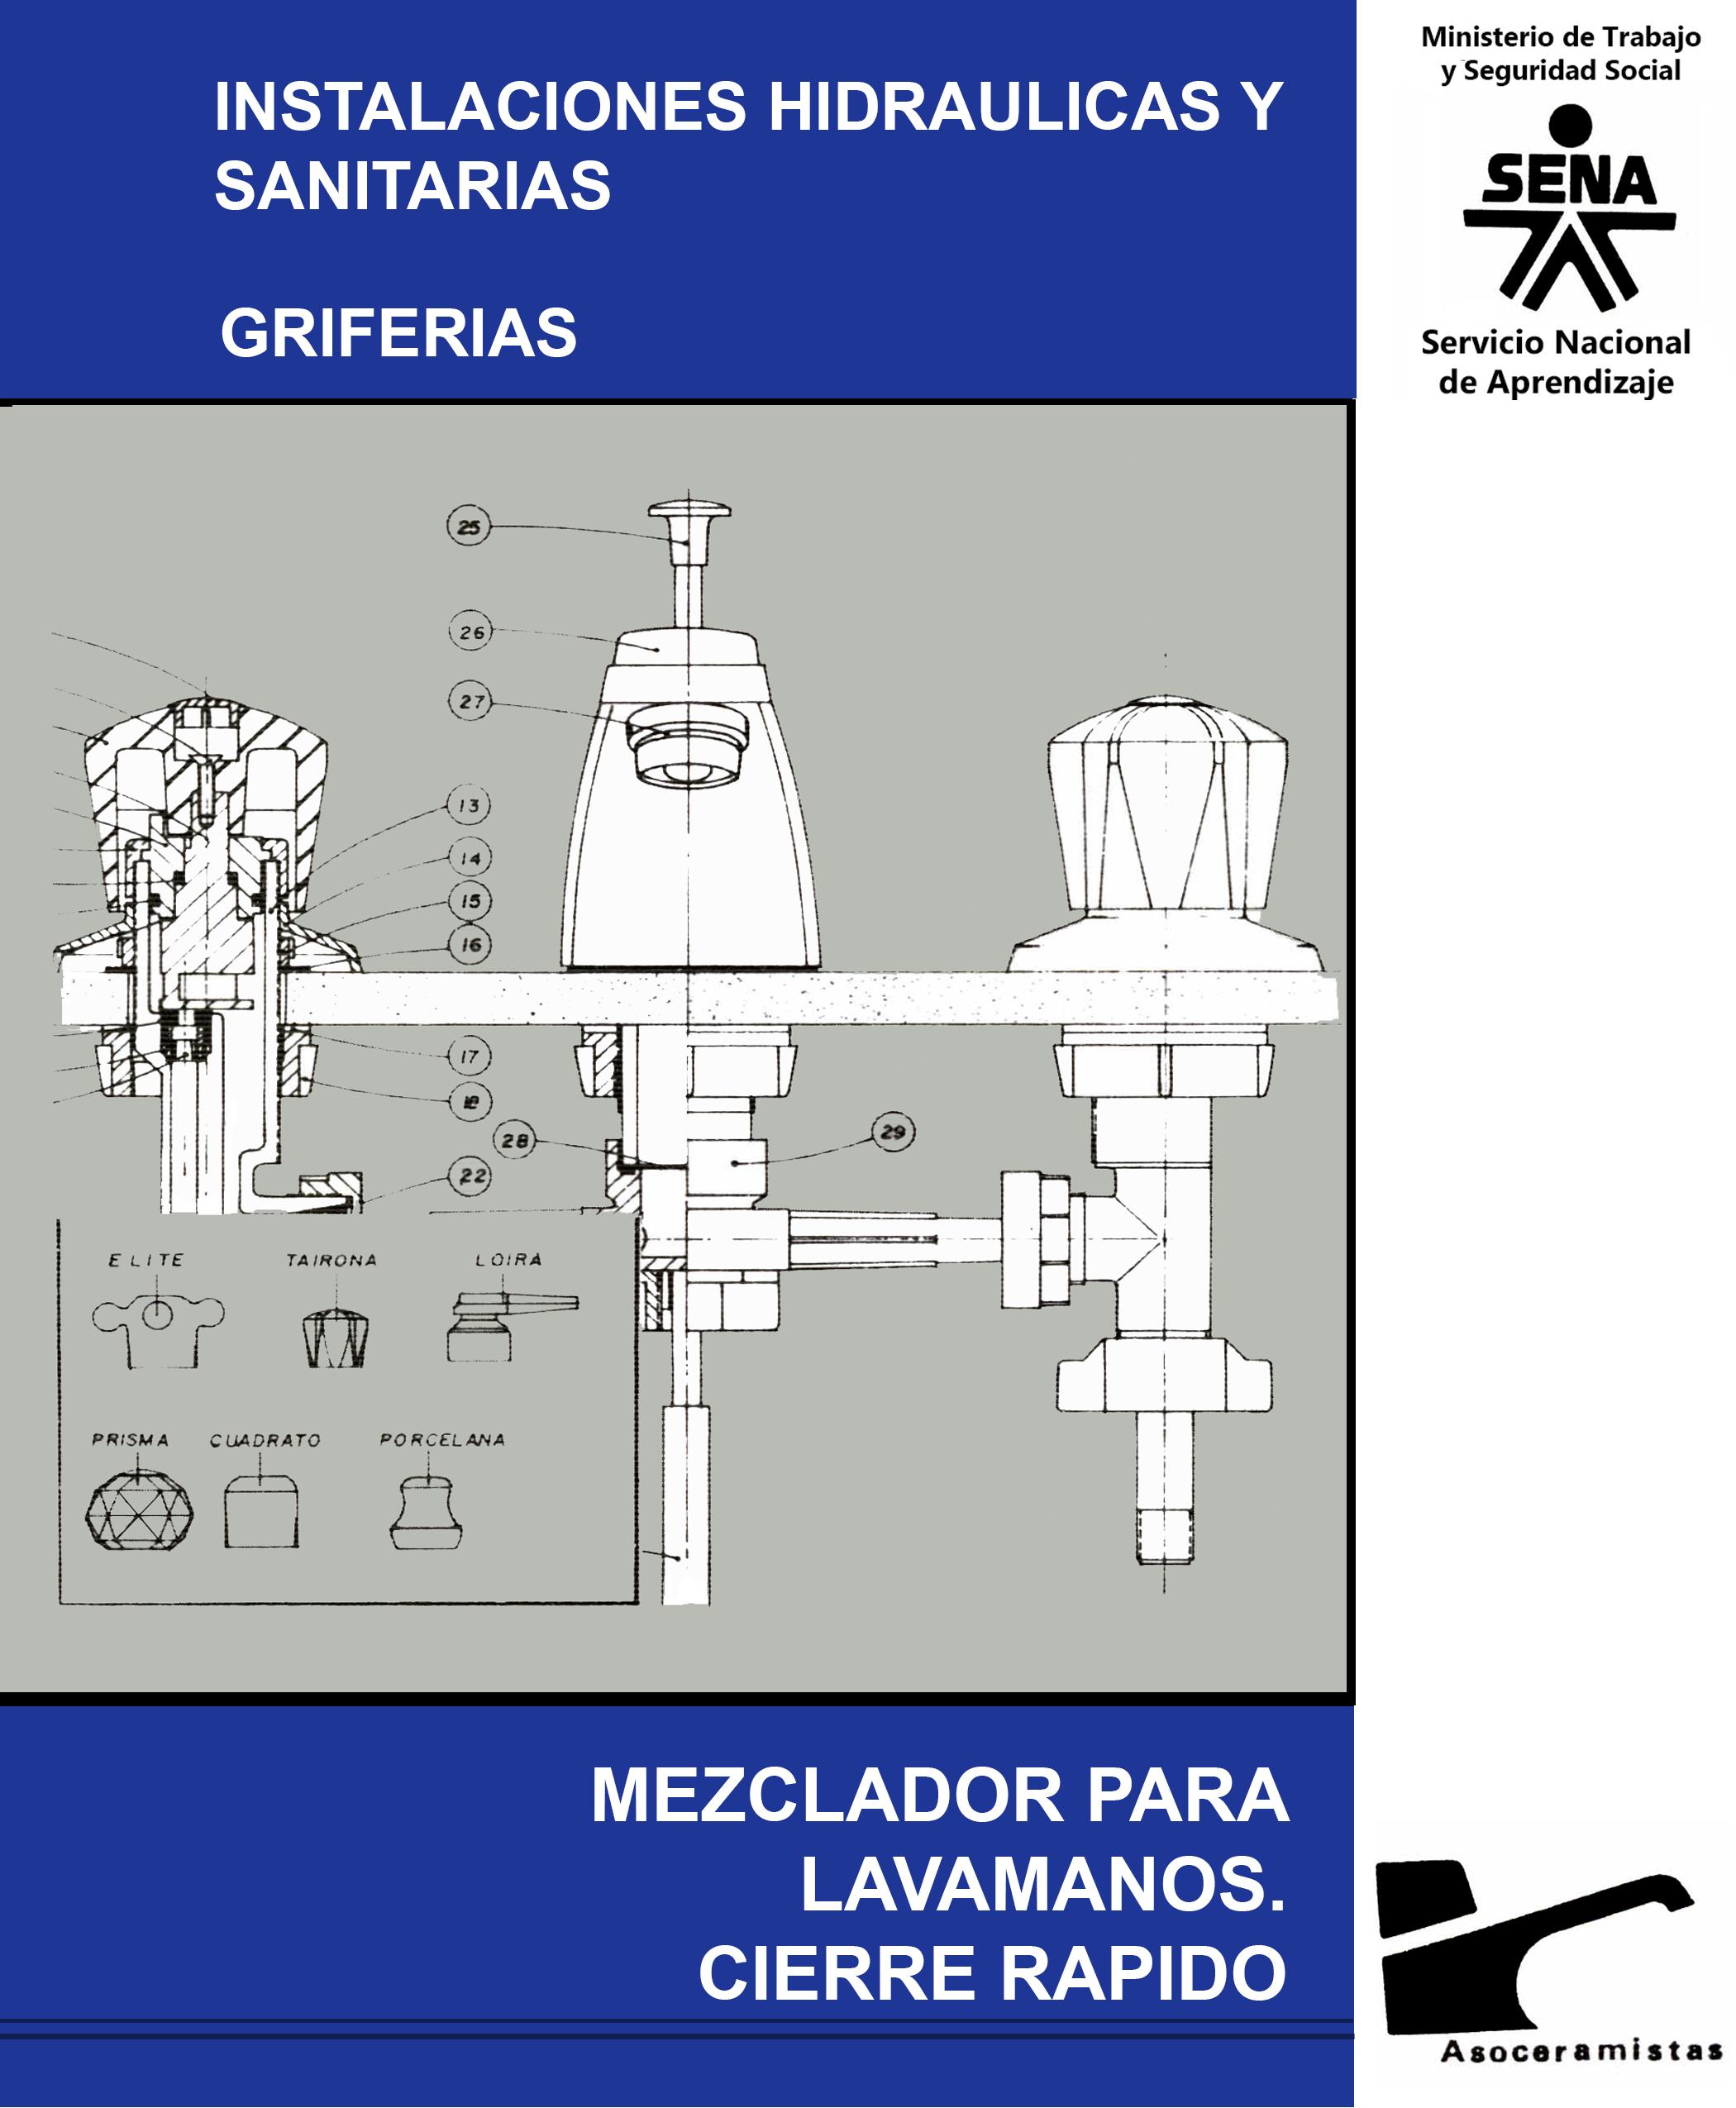 Mezclador cierre rapido for Griferia para lavamanos